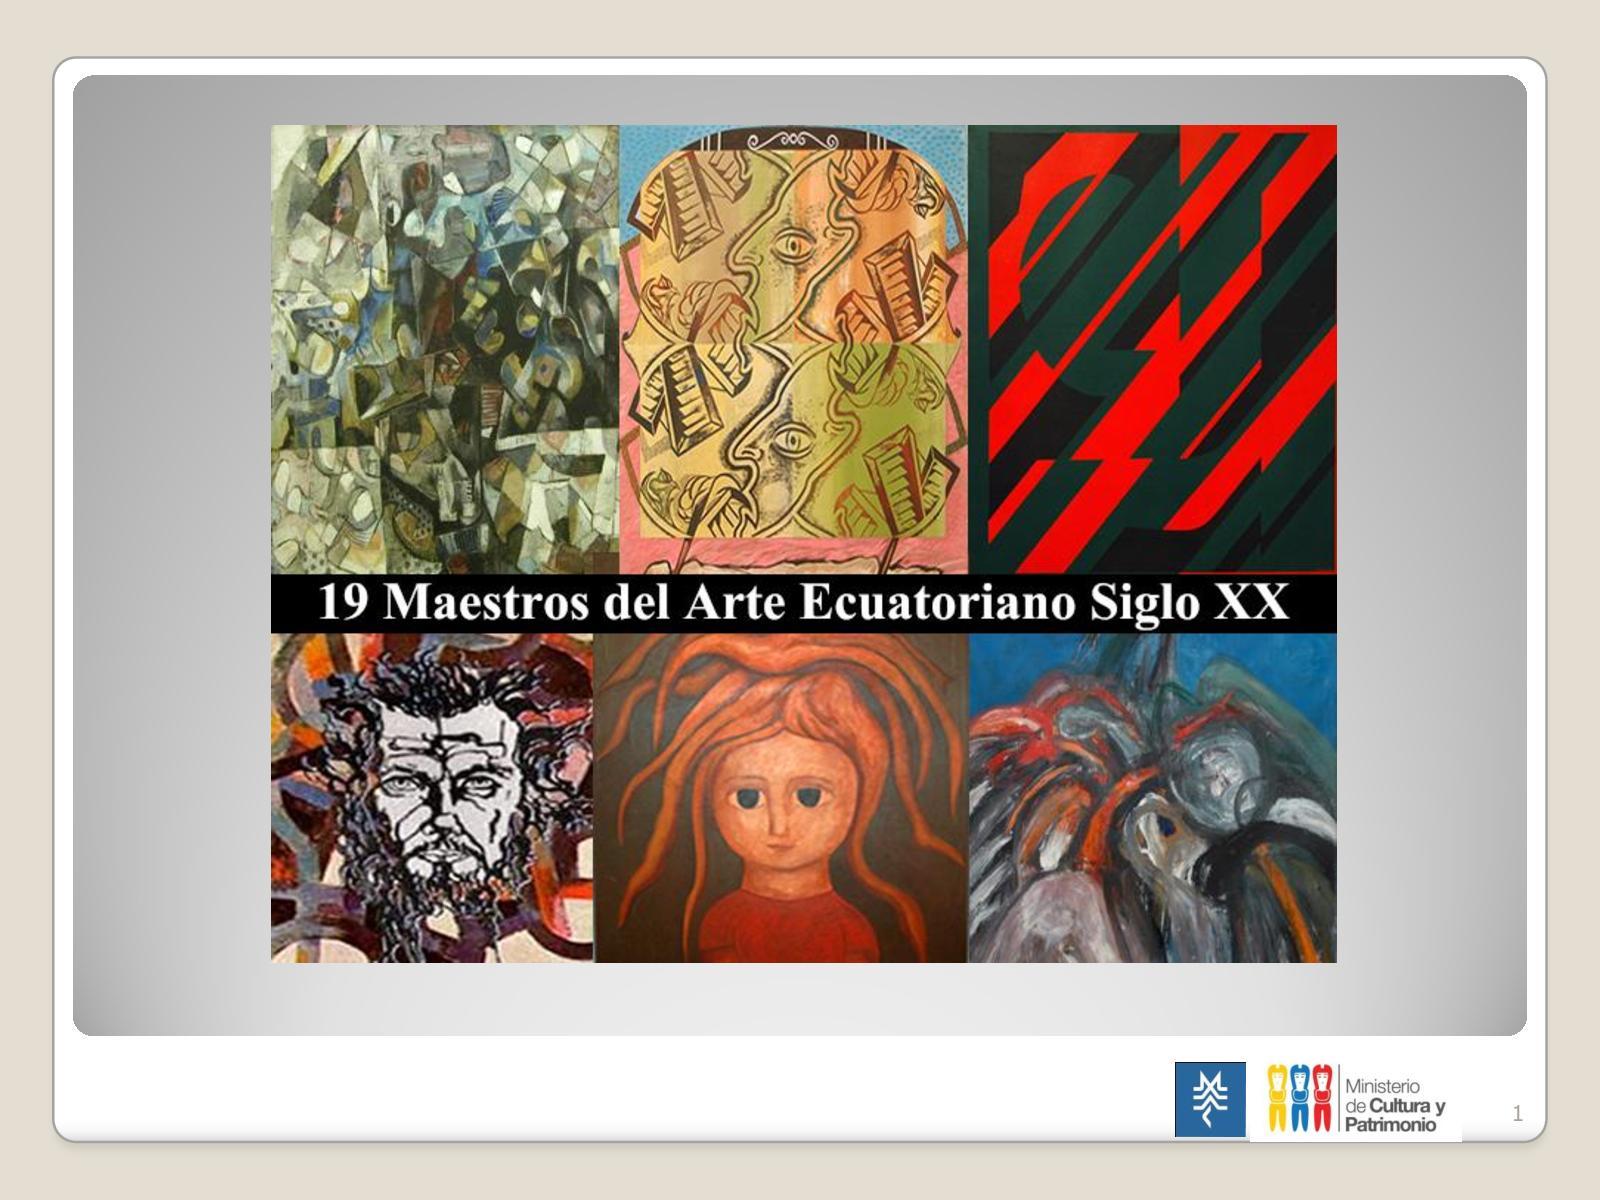 19 MAESTROS DEL ARTE ECUATORIANO DEL SIGLO XX